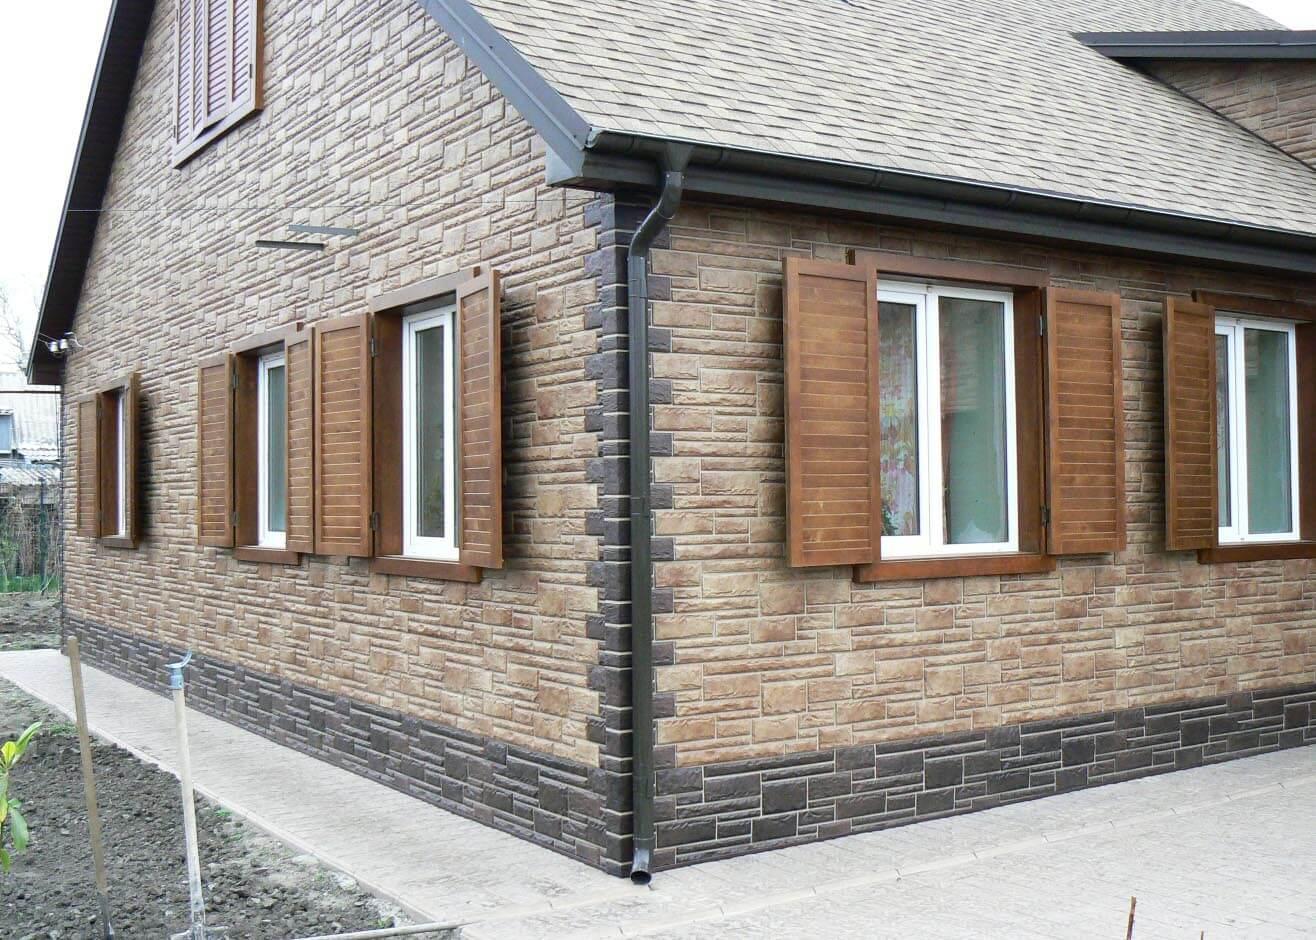 преимущества фасадных панелей под кирпич